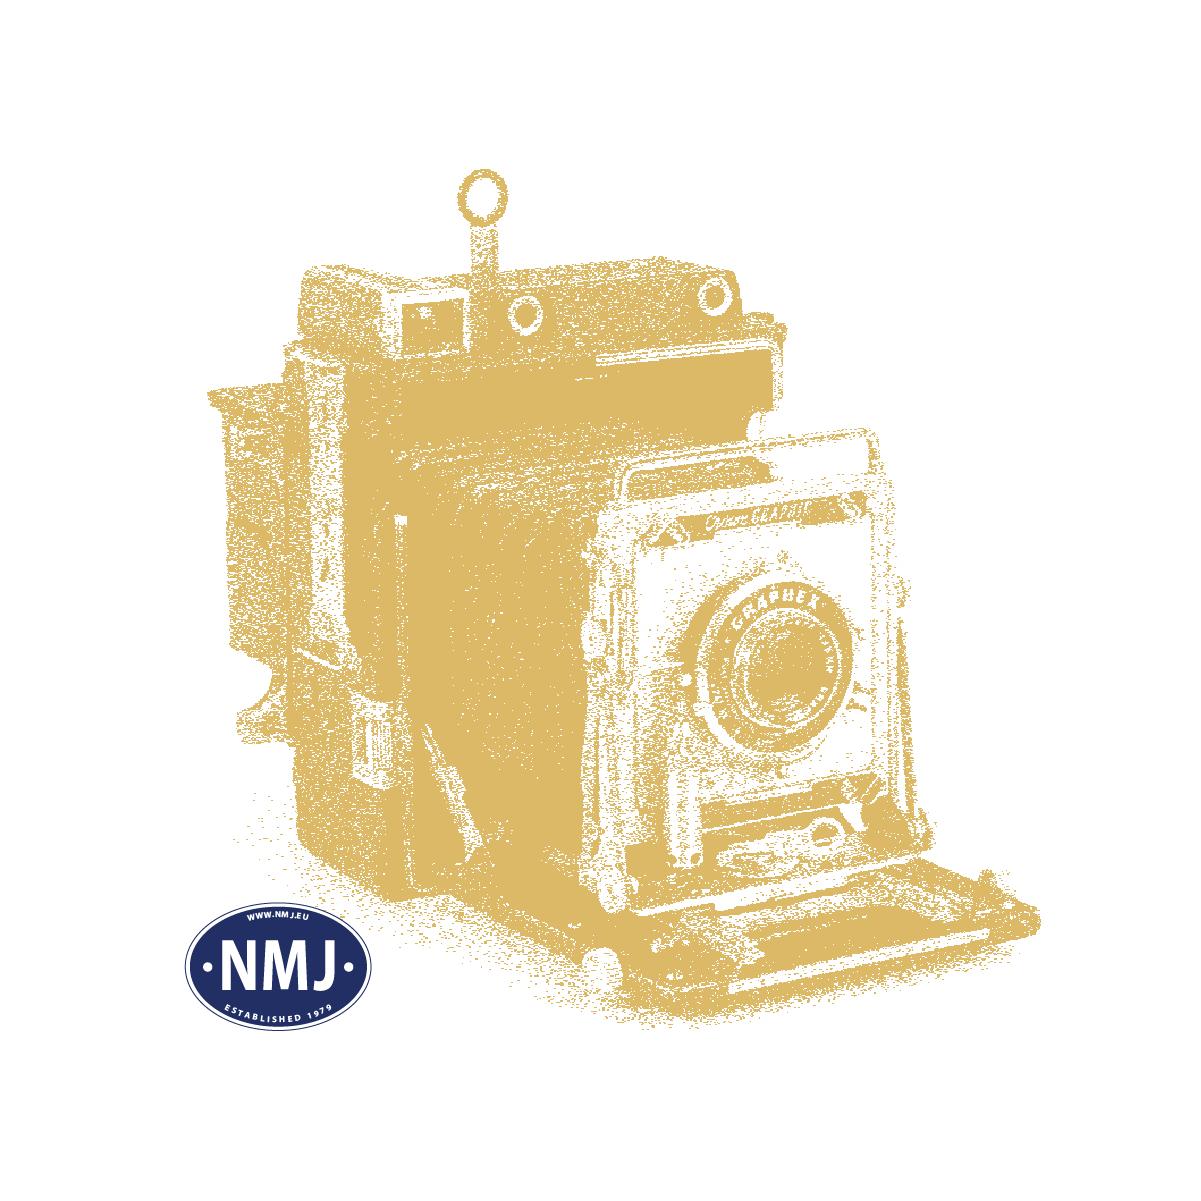 SBM28076 - 28076 Faulhabermotor/Drivverk for NMJ Topline NSB EL 10